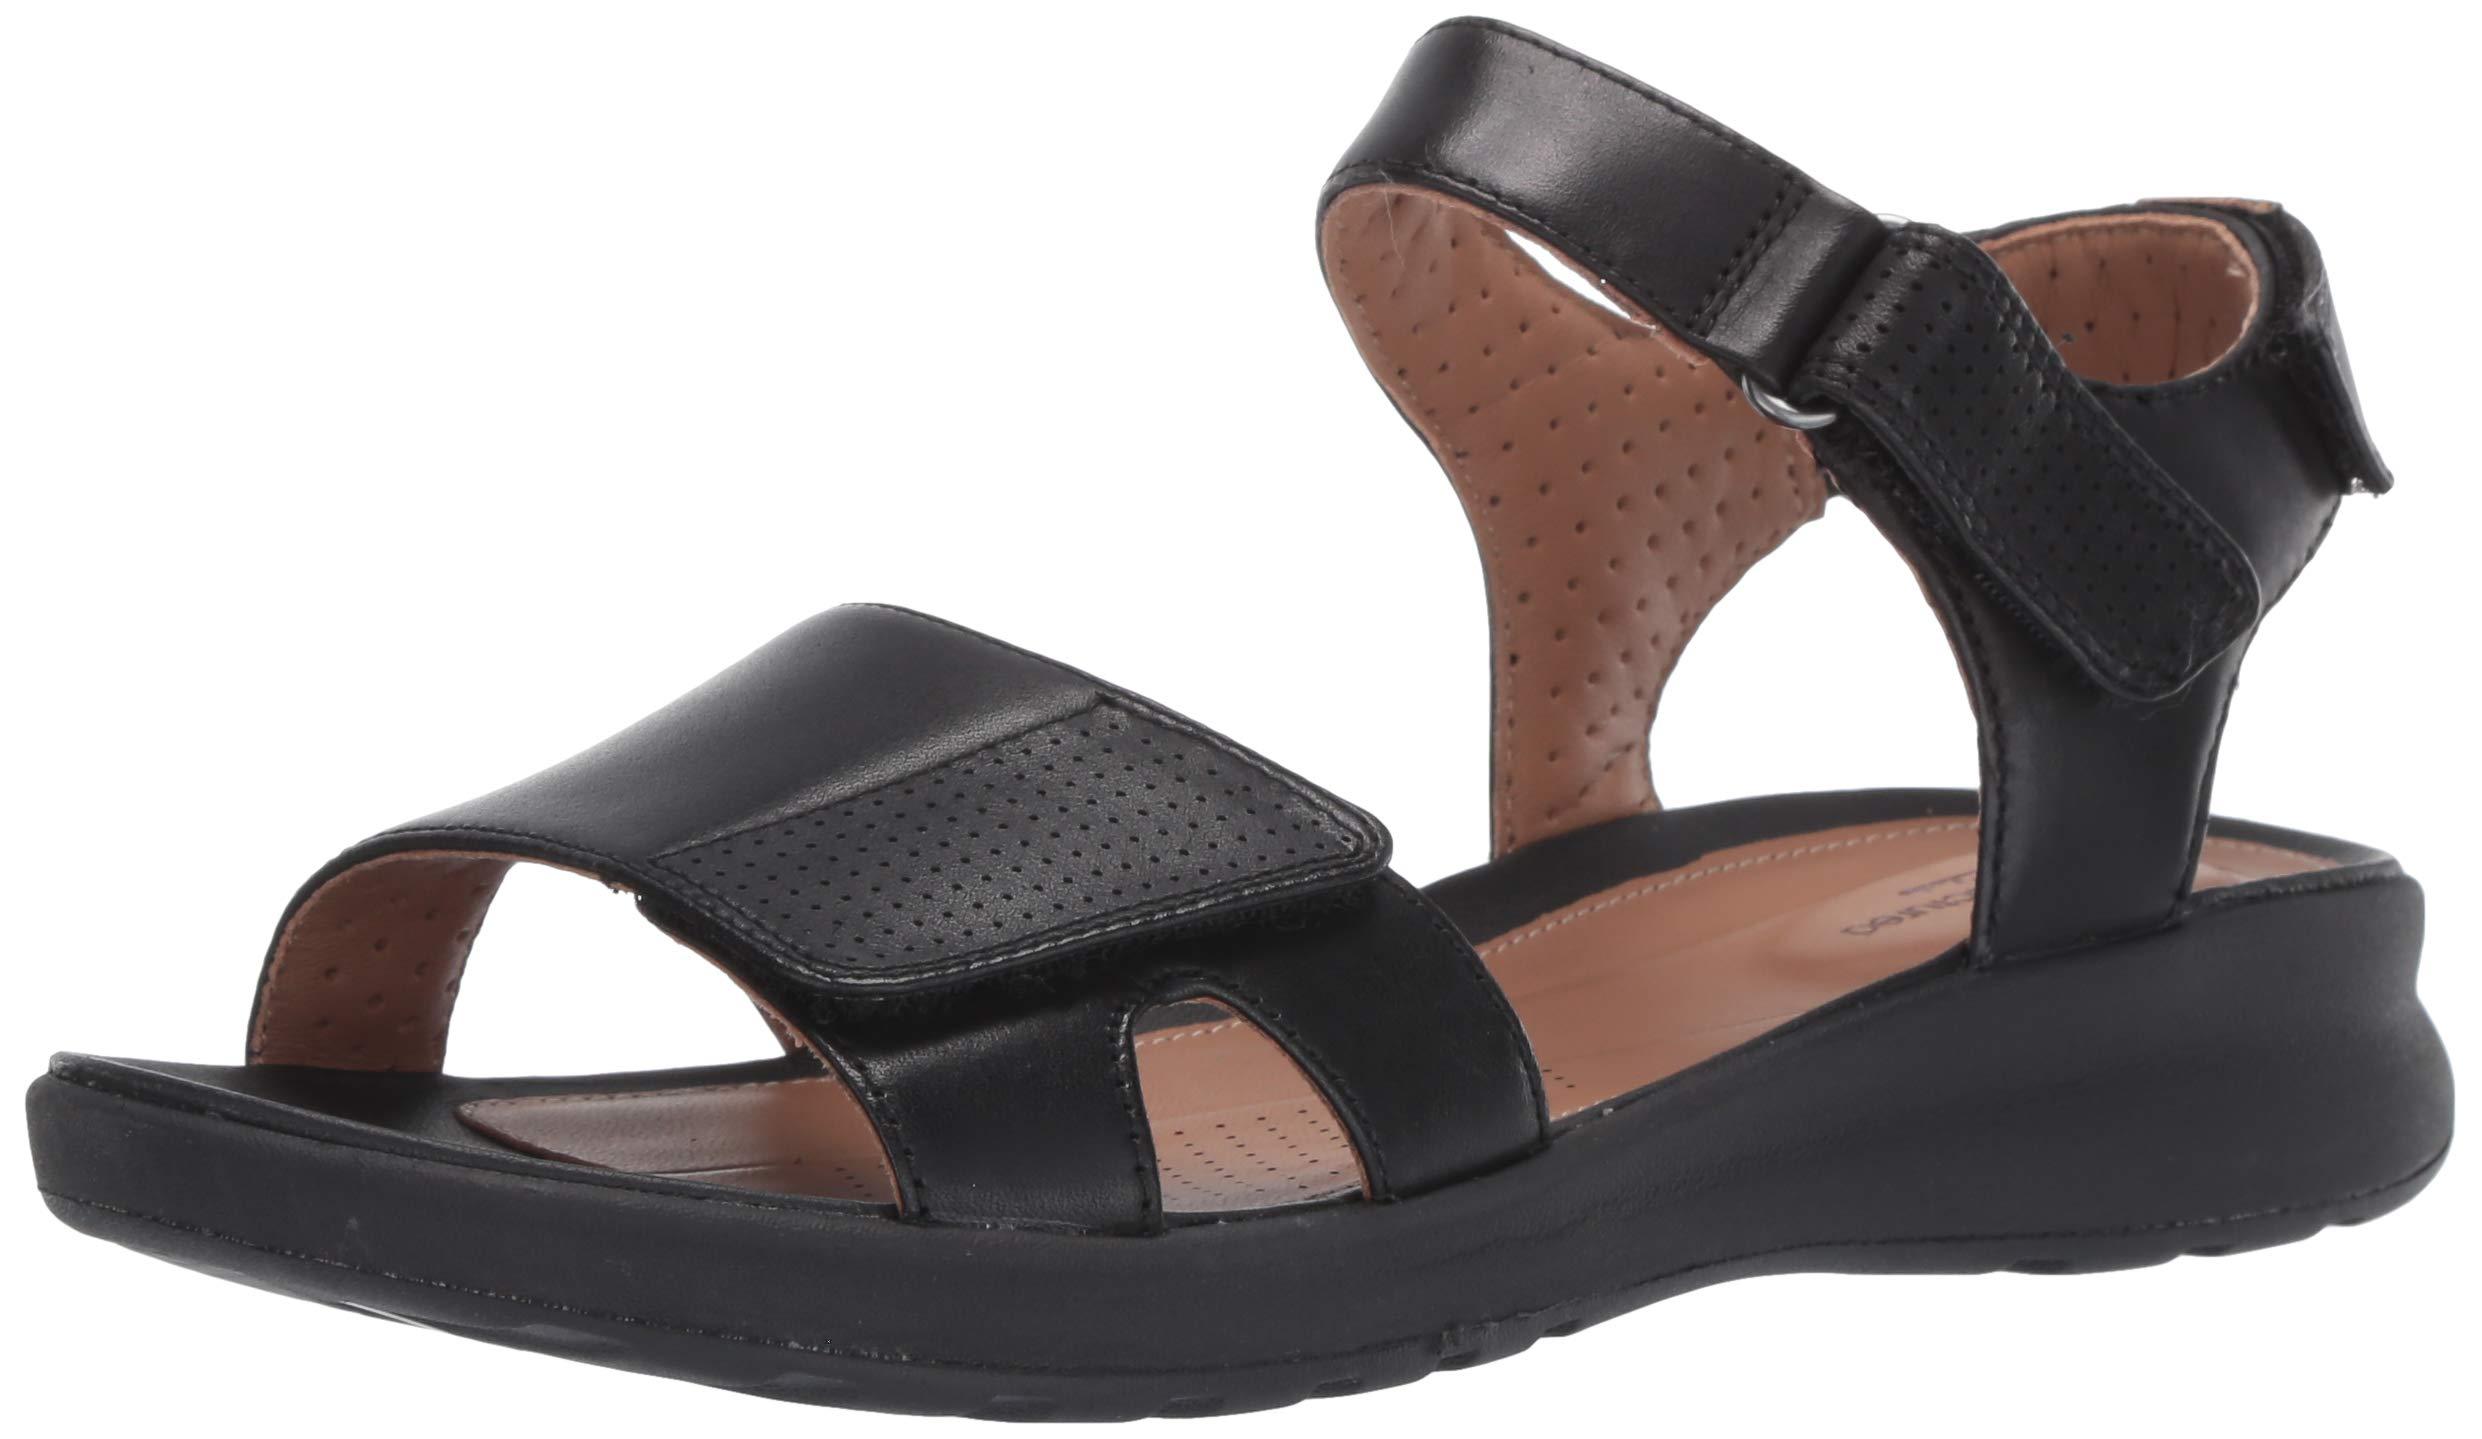 CLARKS Women's Un Adorn Calm Sandal, Black Leather, 55 M US by CLARKS